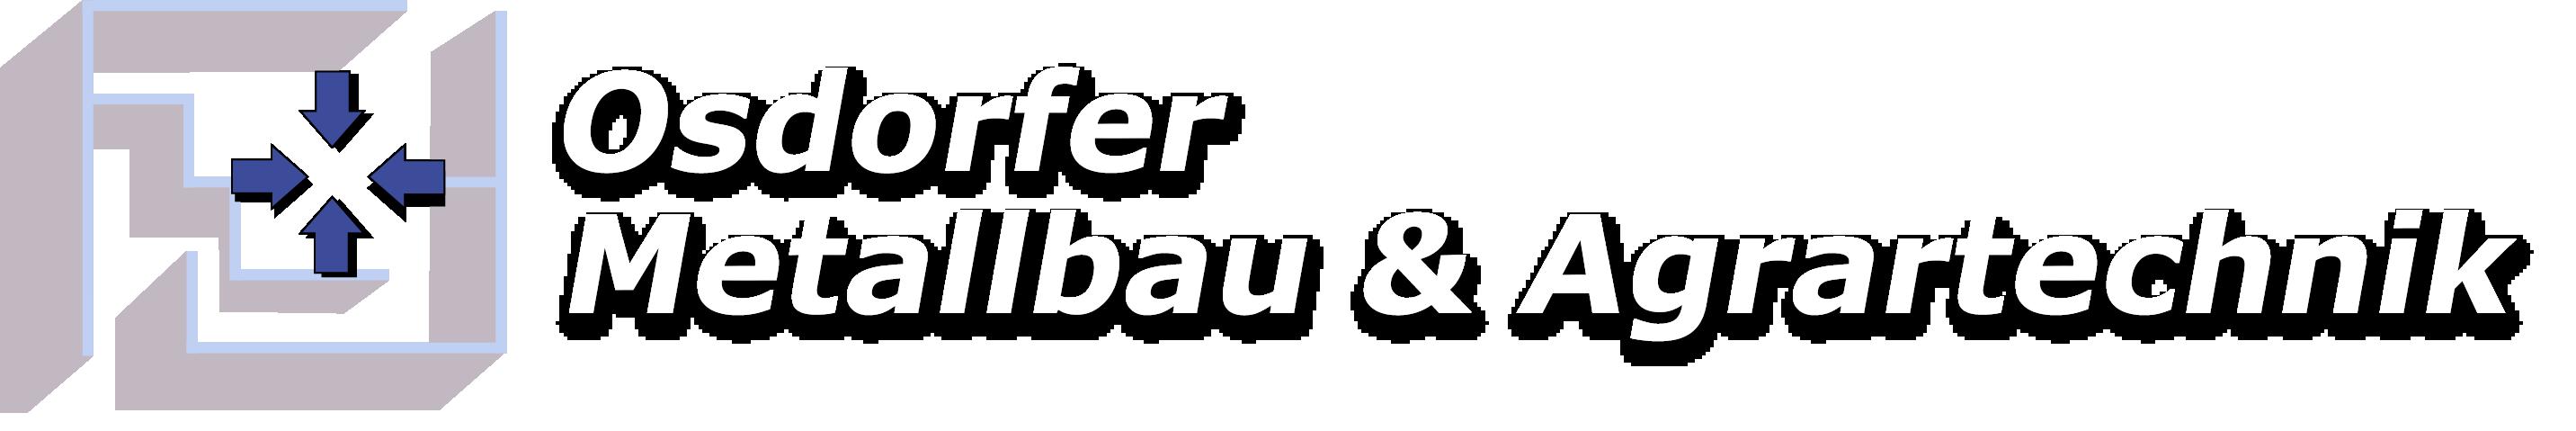 Metallgestaltung für Haus und Hof - Osdorfer Metallbau